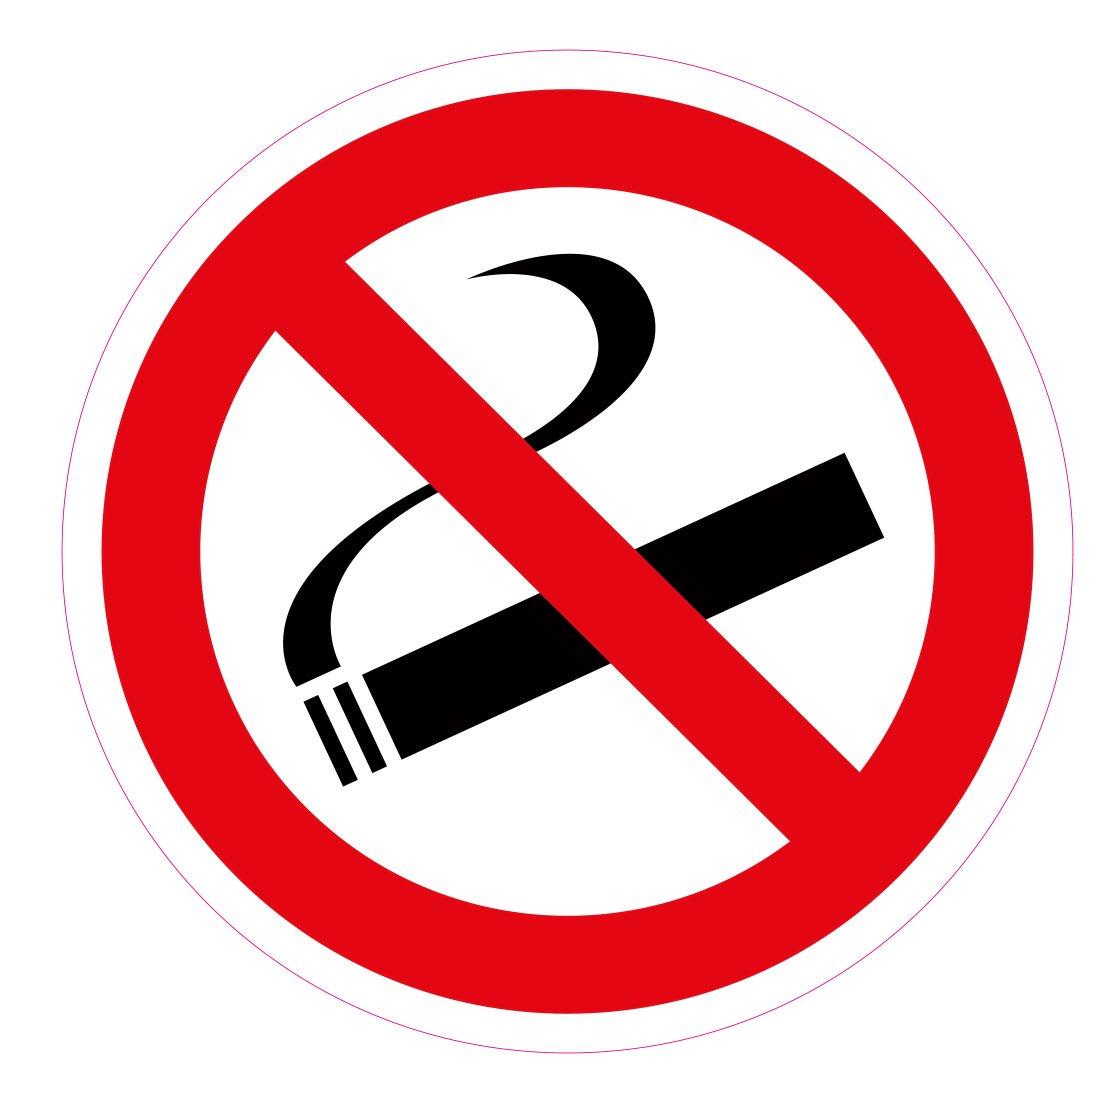 'Lot de 10 stickers Diamè tre 10 cm 'Fumer interdit, autocollant, rayures et ré sistant aux intempé ries rayures et résistant aux intempéries wall-art-design